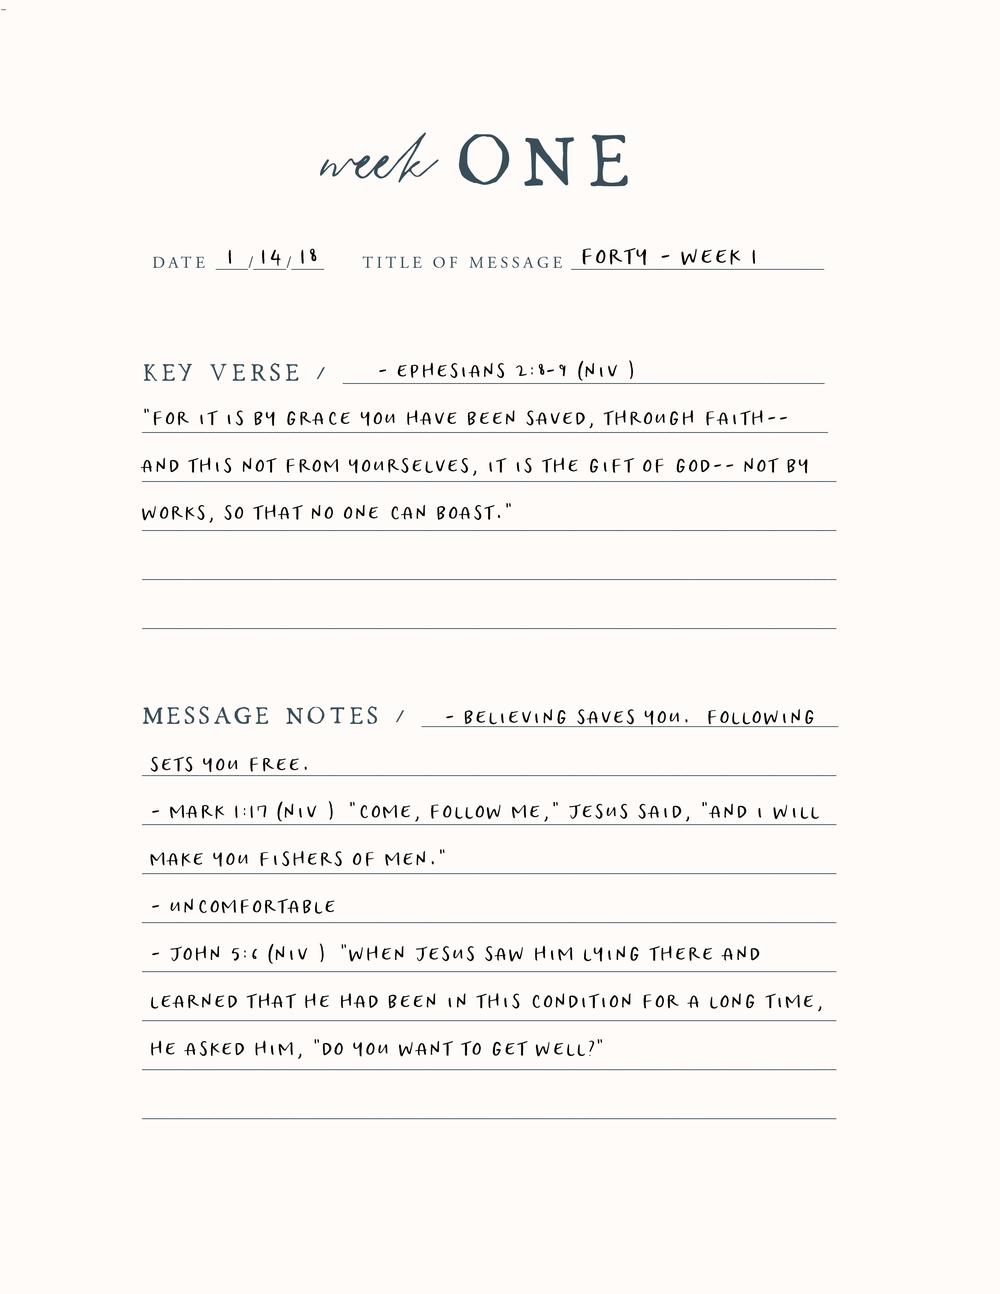 weekone_notes.png